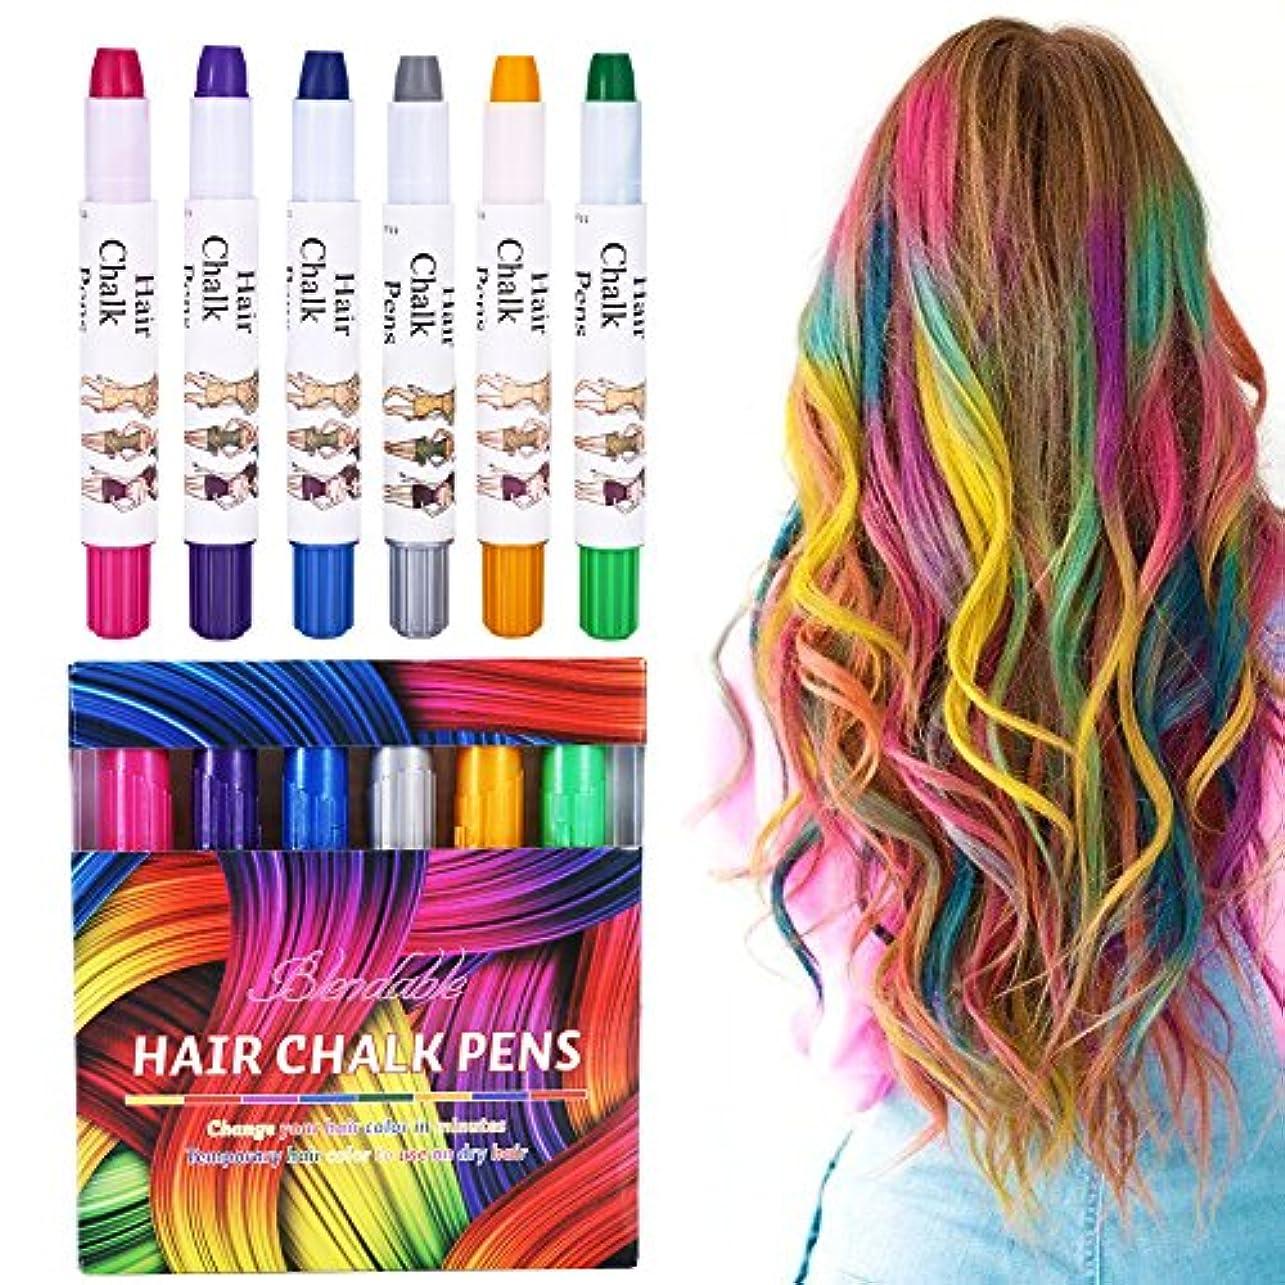 試みハンサム届けるヘアカラー カラーリング剤 ヘアカラーチョーク おしゃれ染め カラフル 使い捨て 洗え落ちる 口紅スティックタイプ 簡易髪染め 6色セット